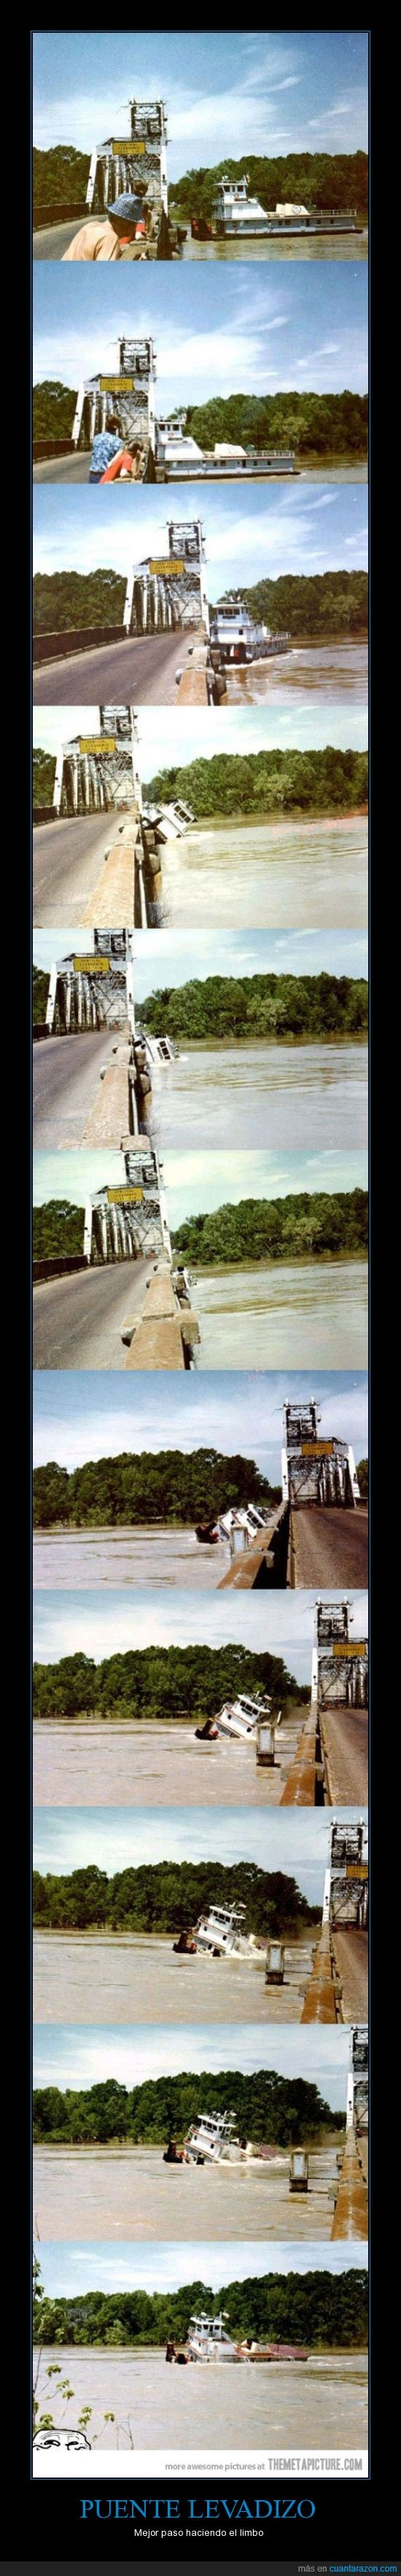 barco,puente,rio,submarino